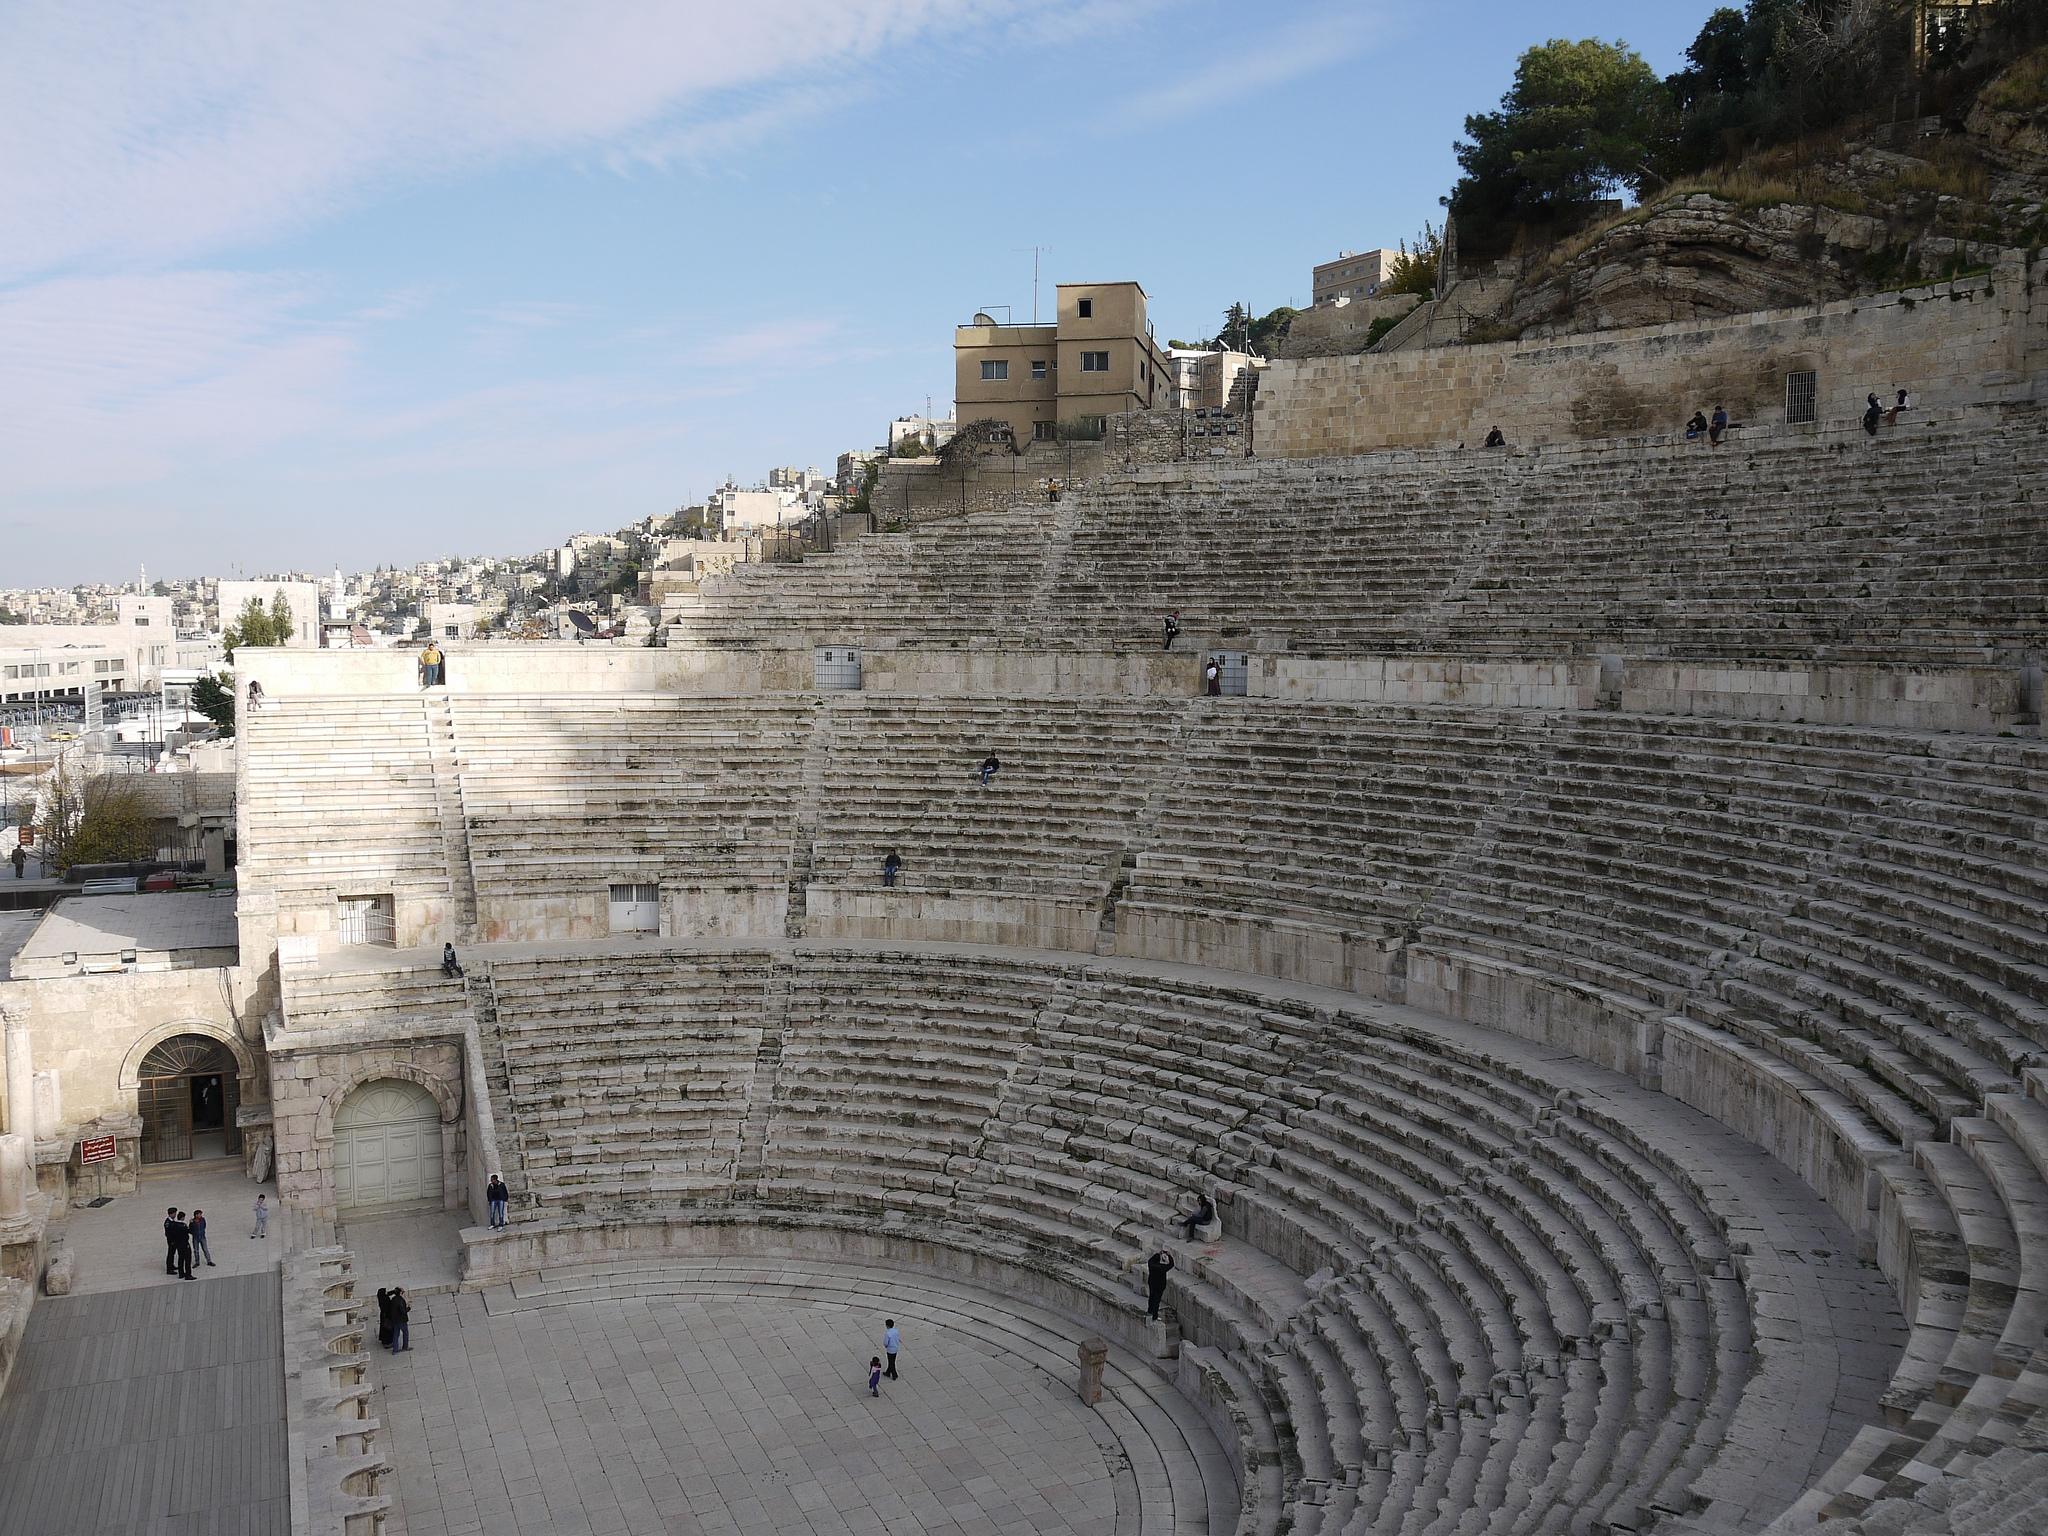 A Brief History of the Roman Theatre in Amman